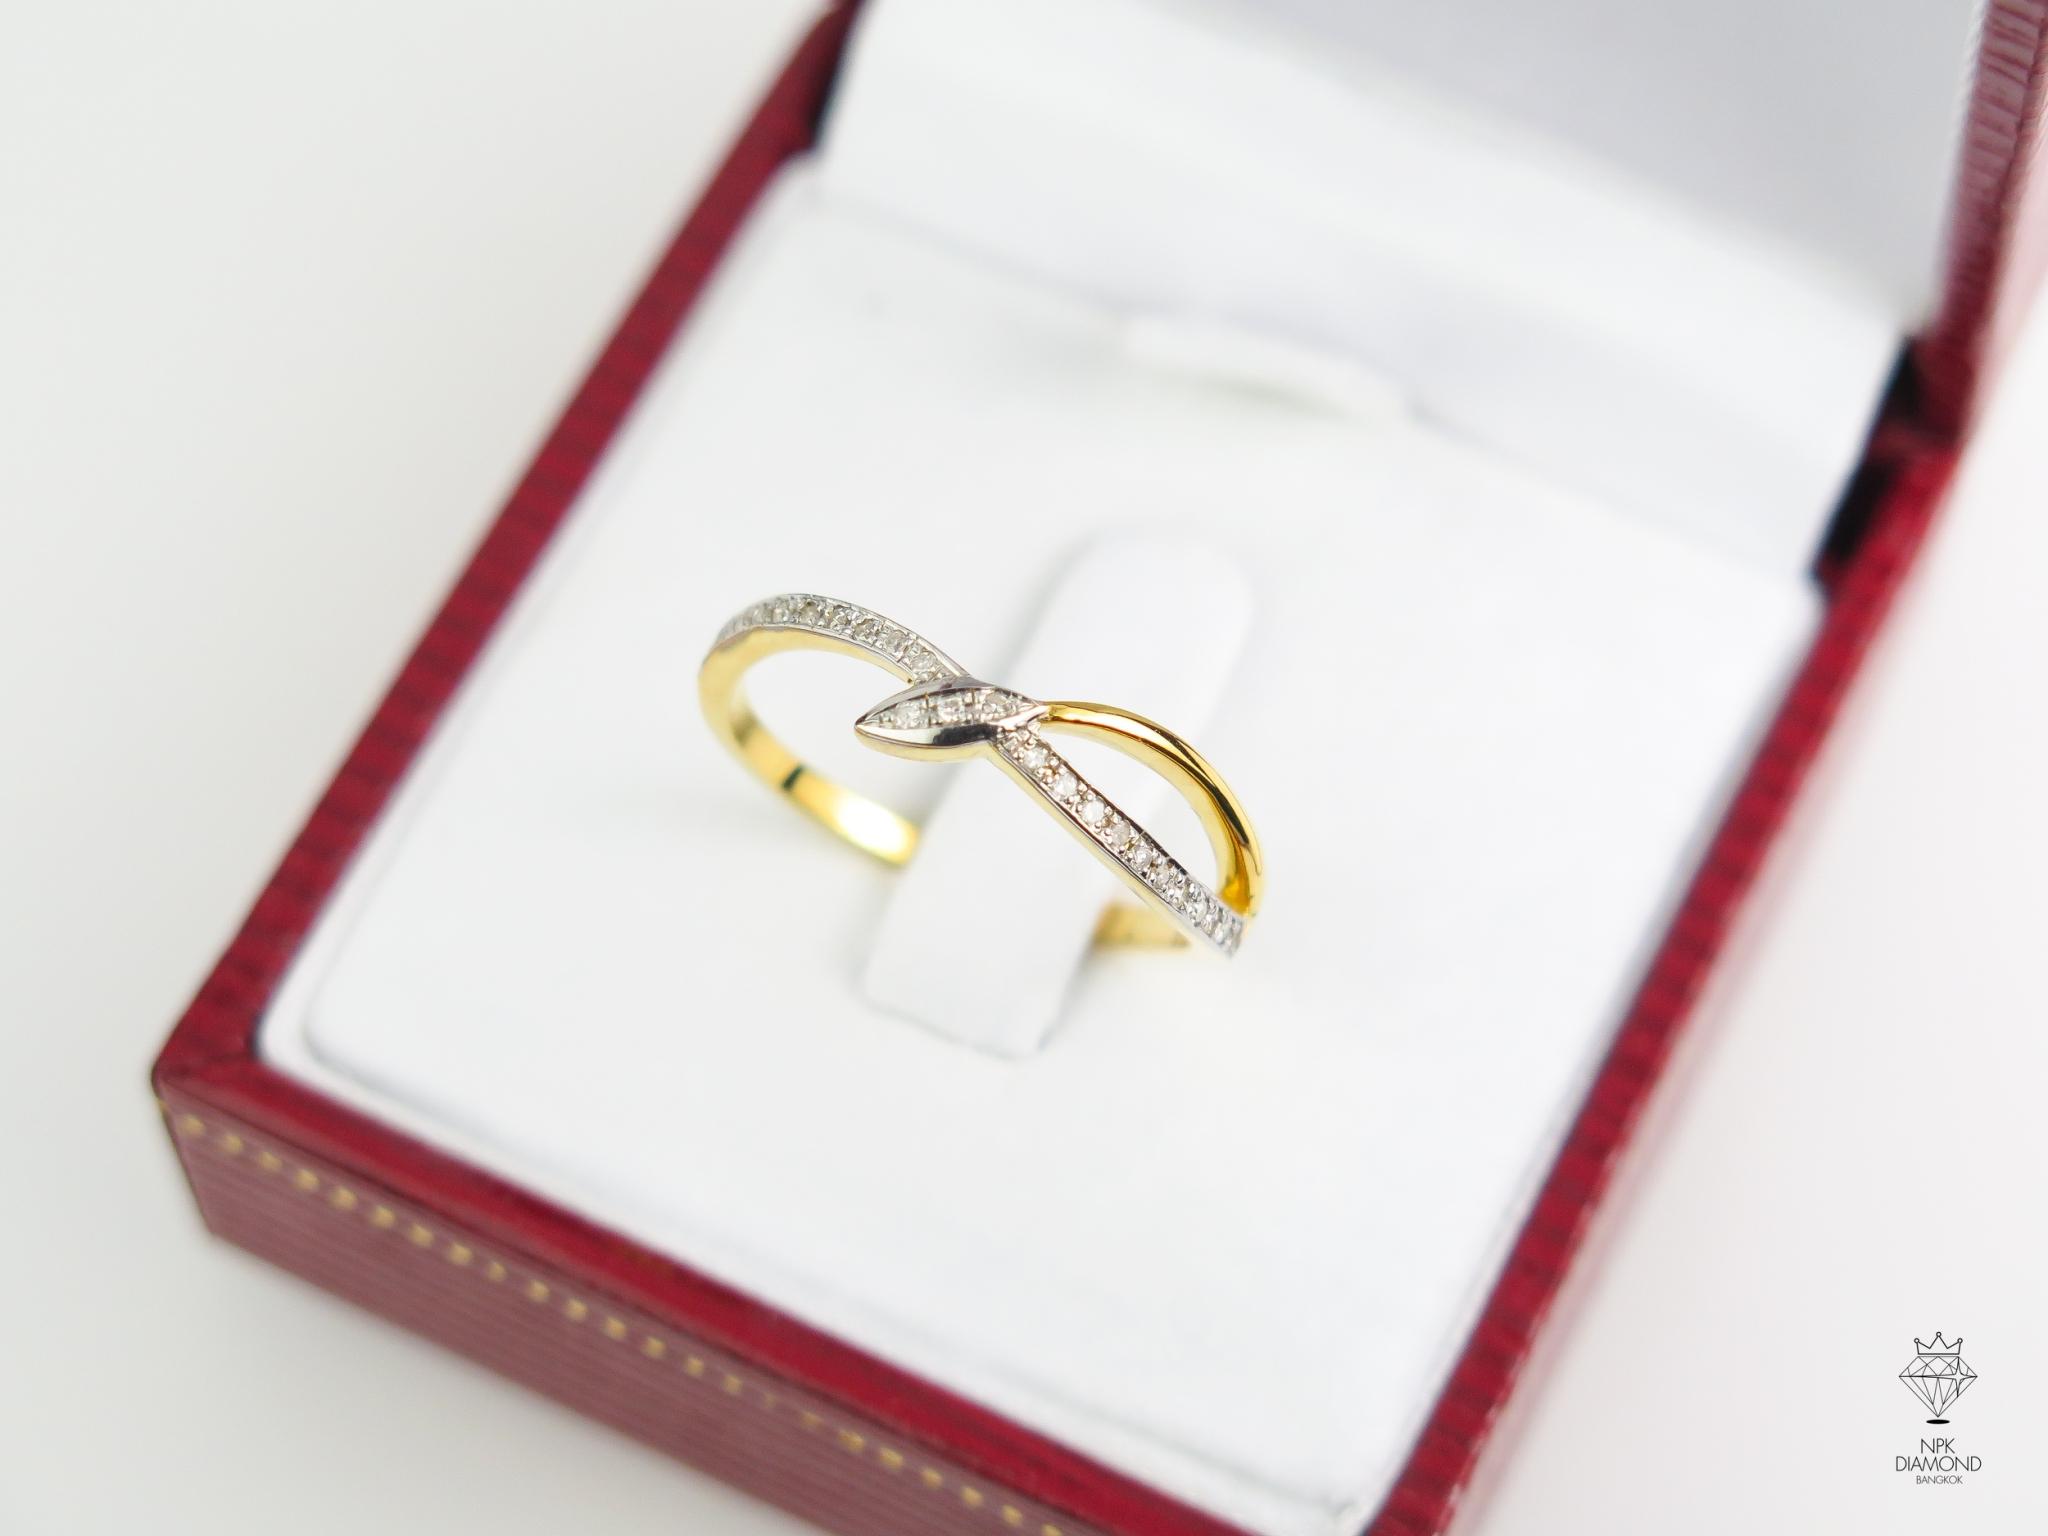 แหวนเพรชไขว้ใบไม้